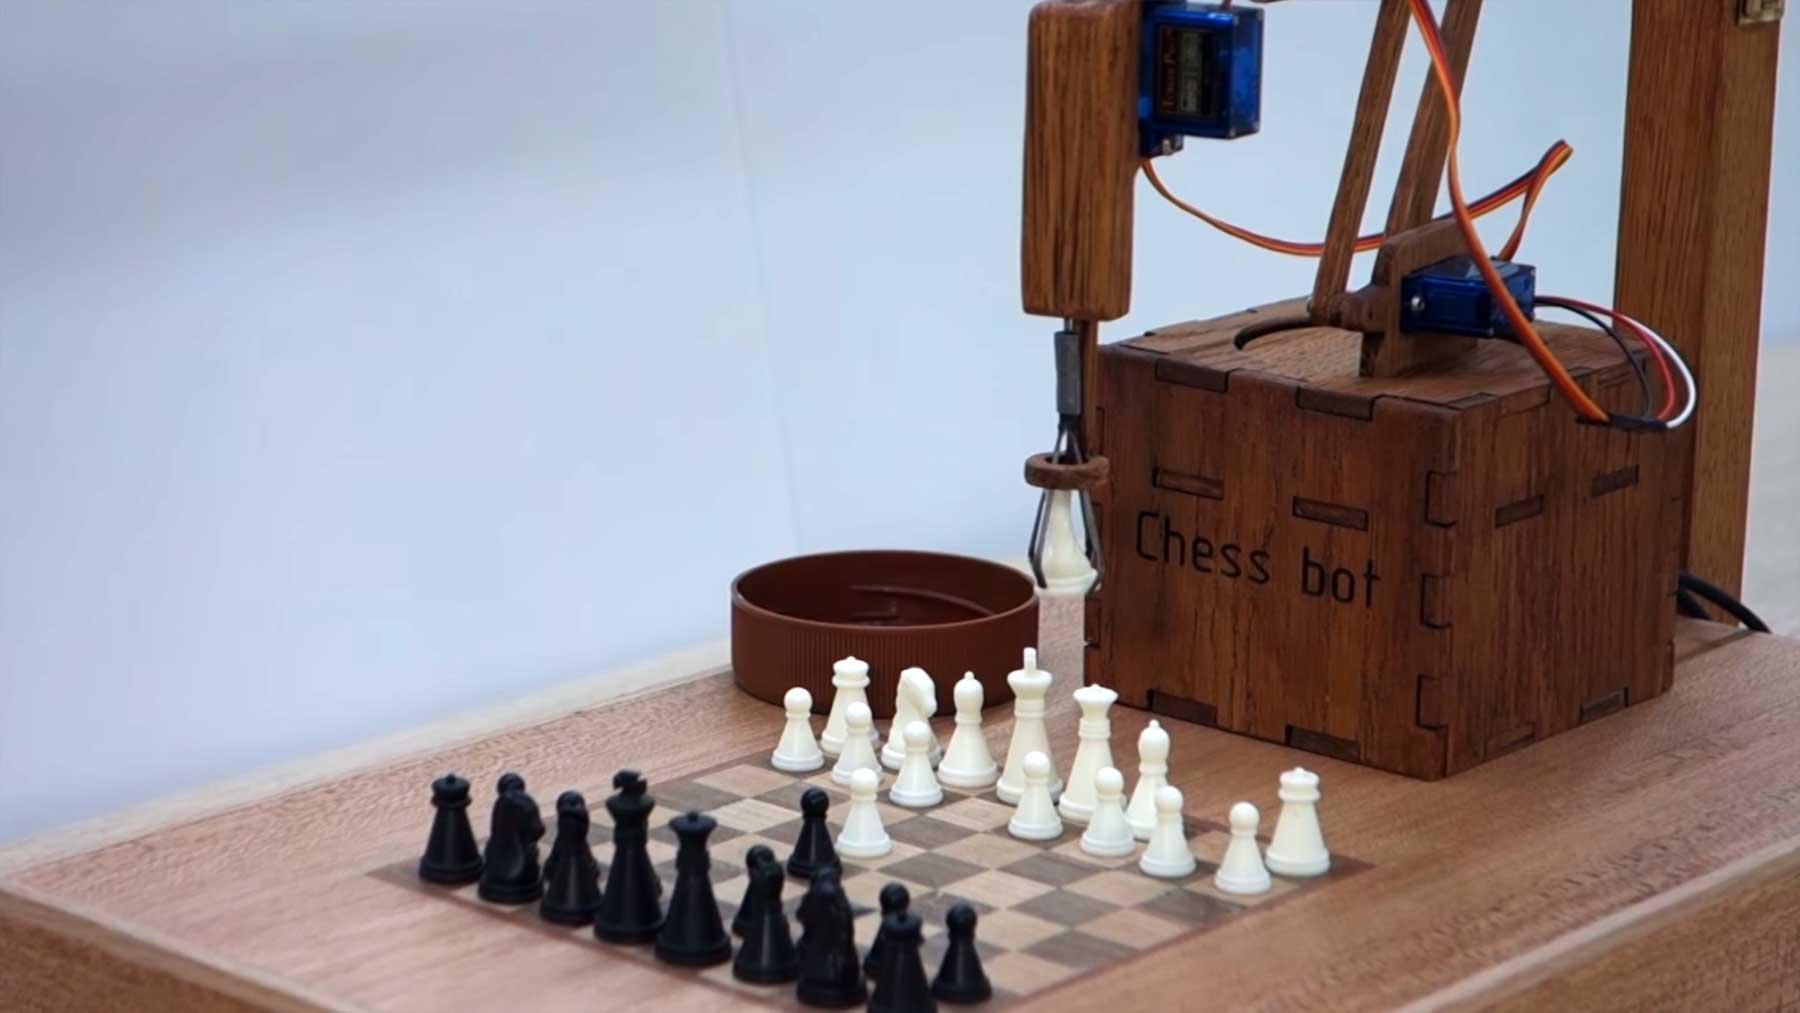 Physisch spielender Schach-Roboter chess-bot